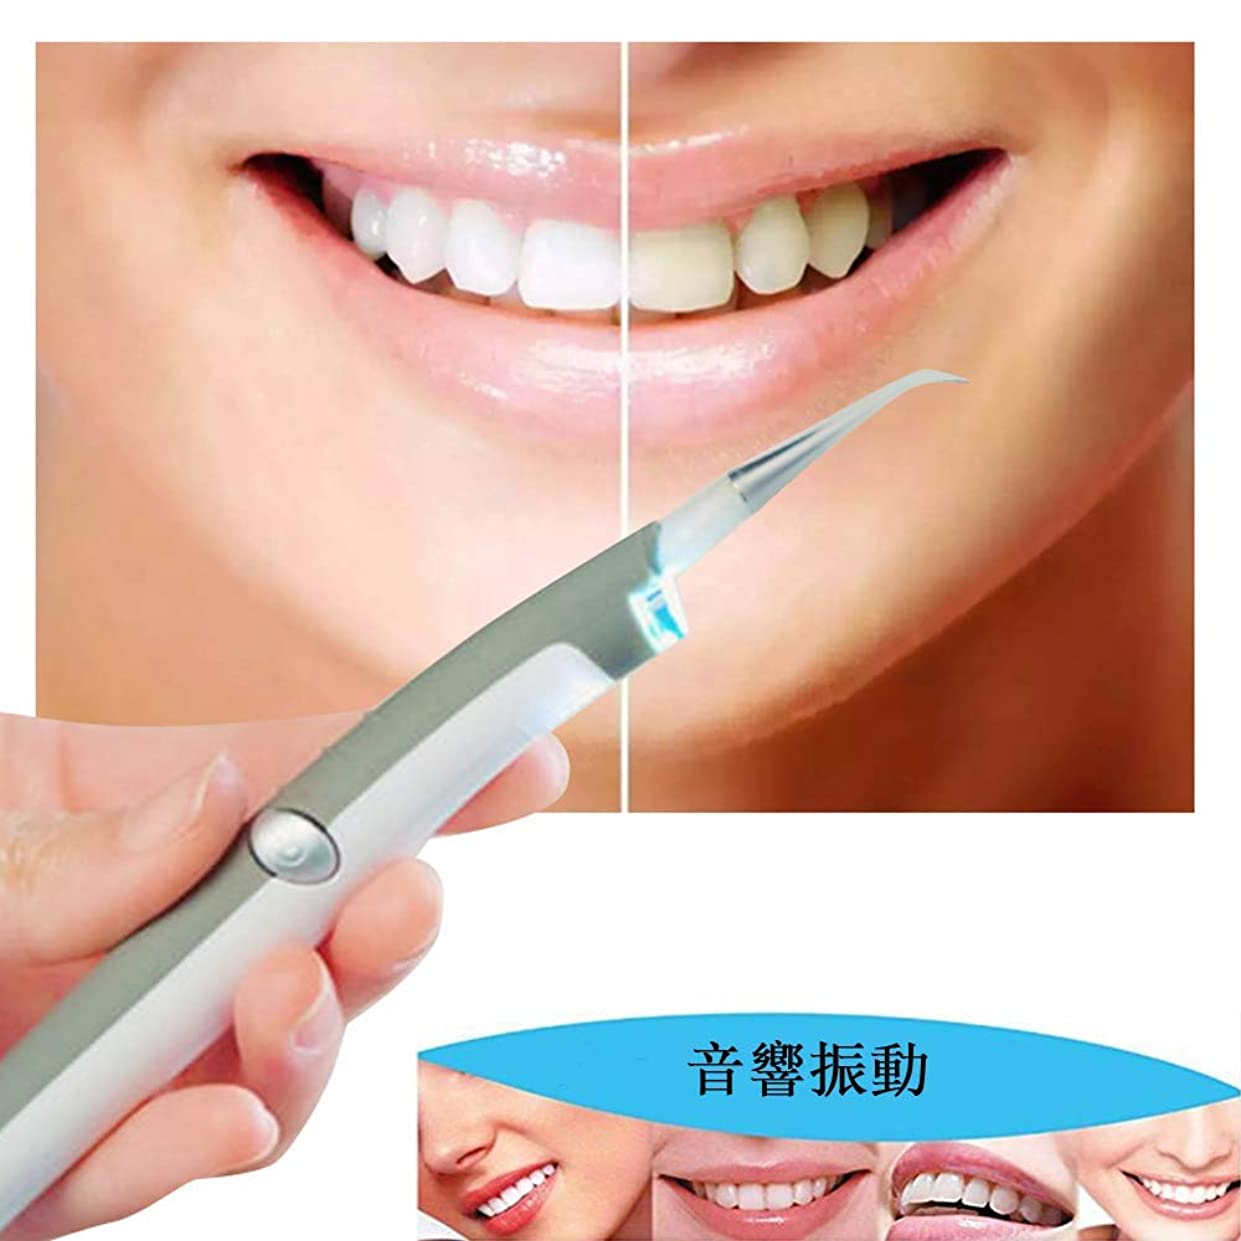 夢中句コントロールCarejoy LED歯科用歯ステイン消しゴム 電動デンタルステインプラークリムーバー 歯科クリーニングシステム 歯クリーナー 歯科汚れリムーバー LEDの歯汚れ消しゴムプラークリムーバー 口腔衛生ケアのためのプロフェッショナルな歯科用クリーニングツール ホワイトナー 家庭用